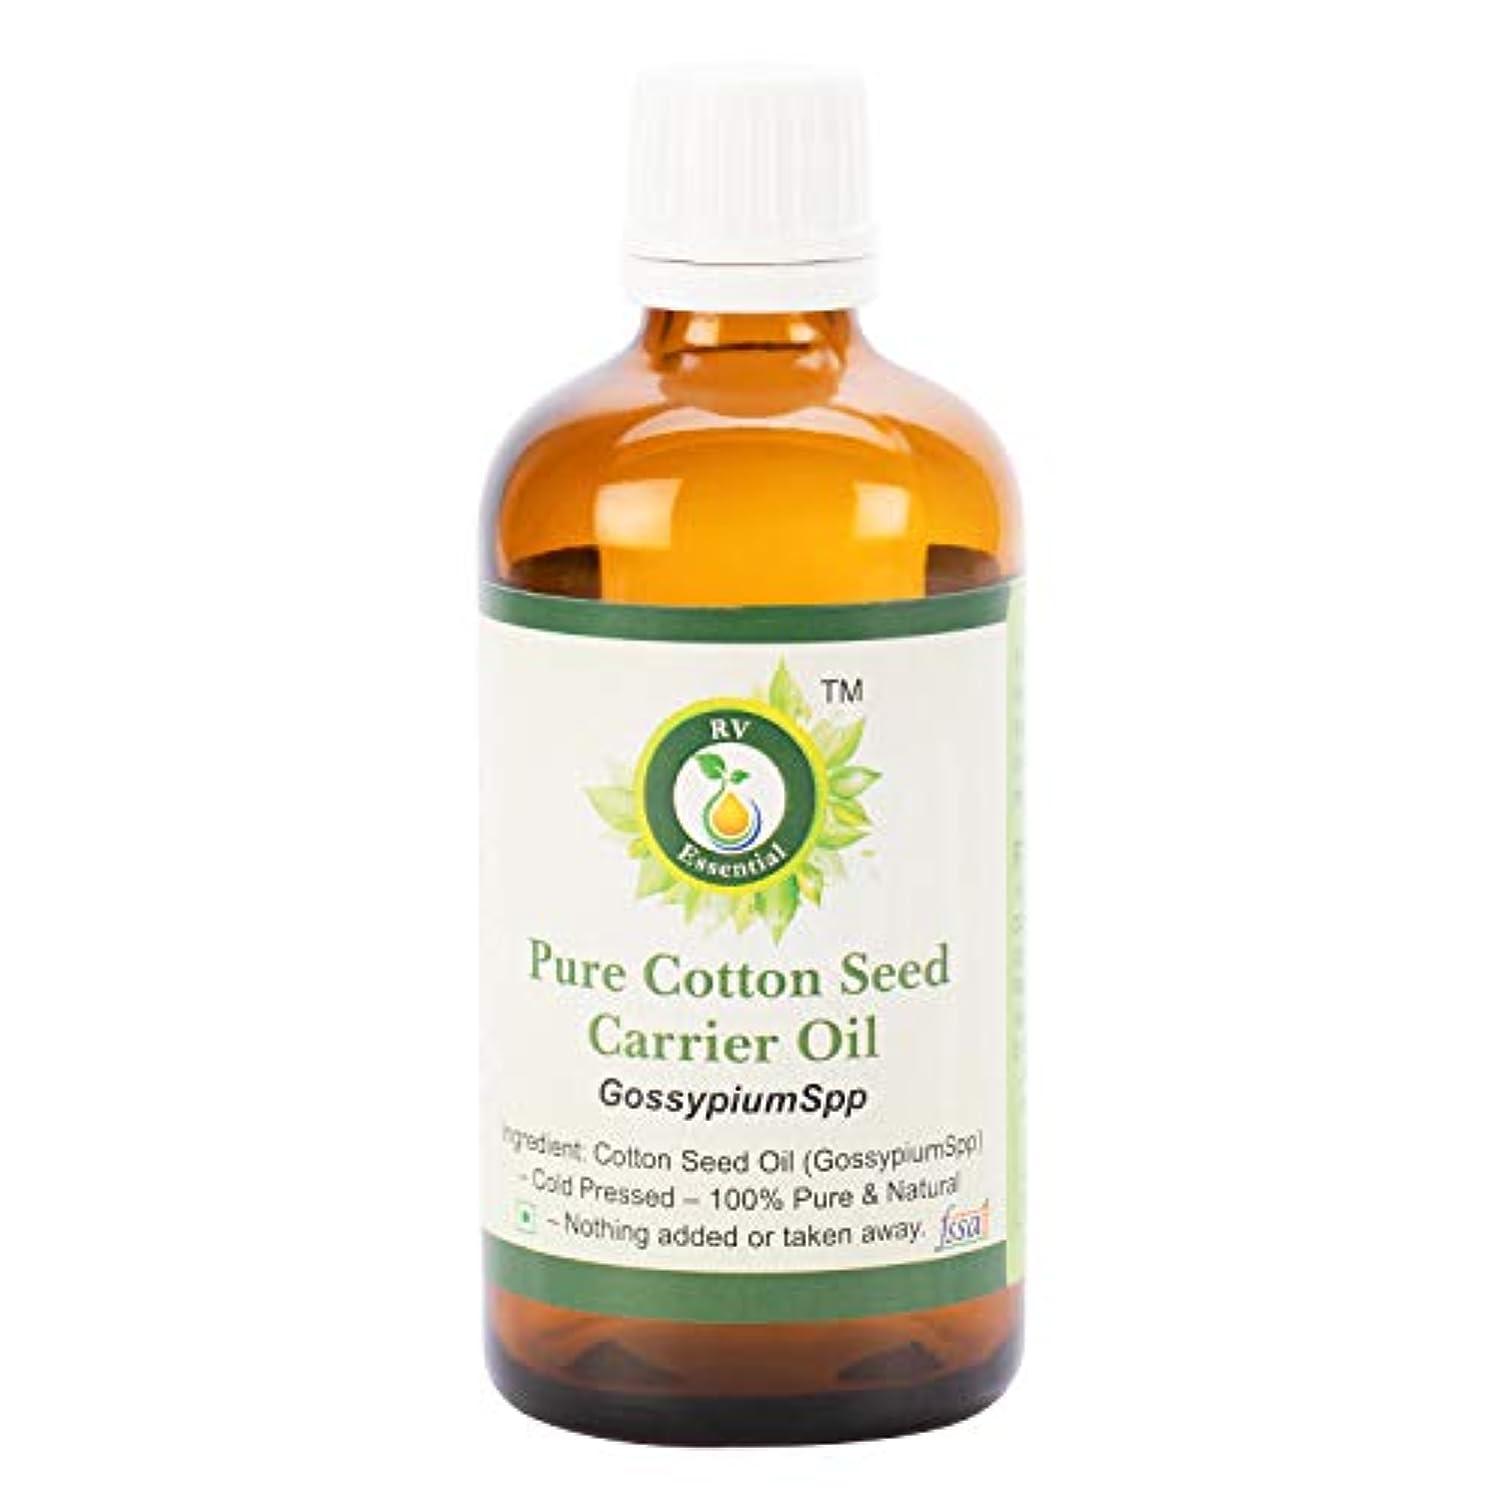 曖昧な糞成り立つR V Essential 純粋な綿の種子キャリアオイル10ml (0.338oz)- Gossypium Spp (100%ピュア&ナチュラルコールドPressed) Pure Cotton Seed Carrier...